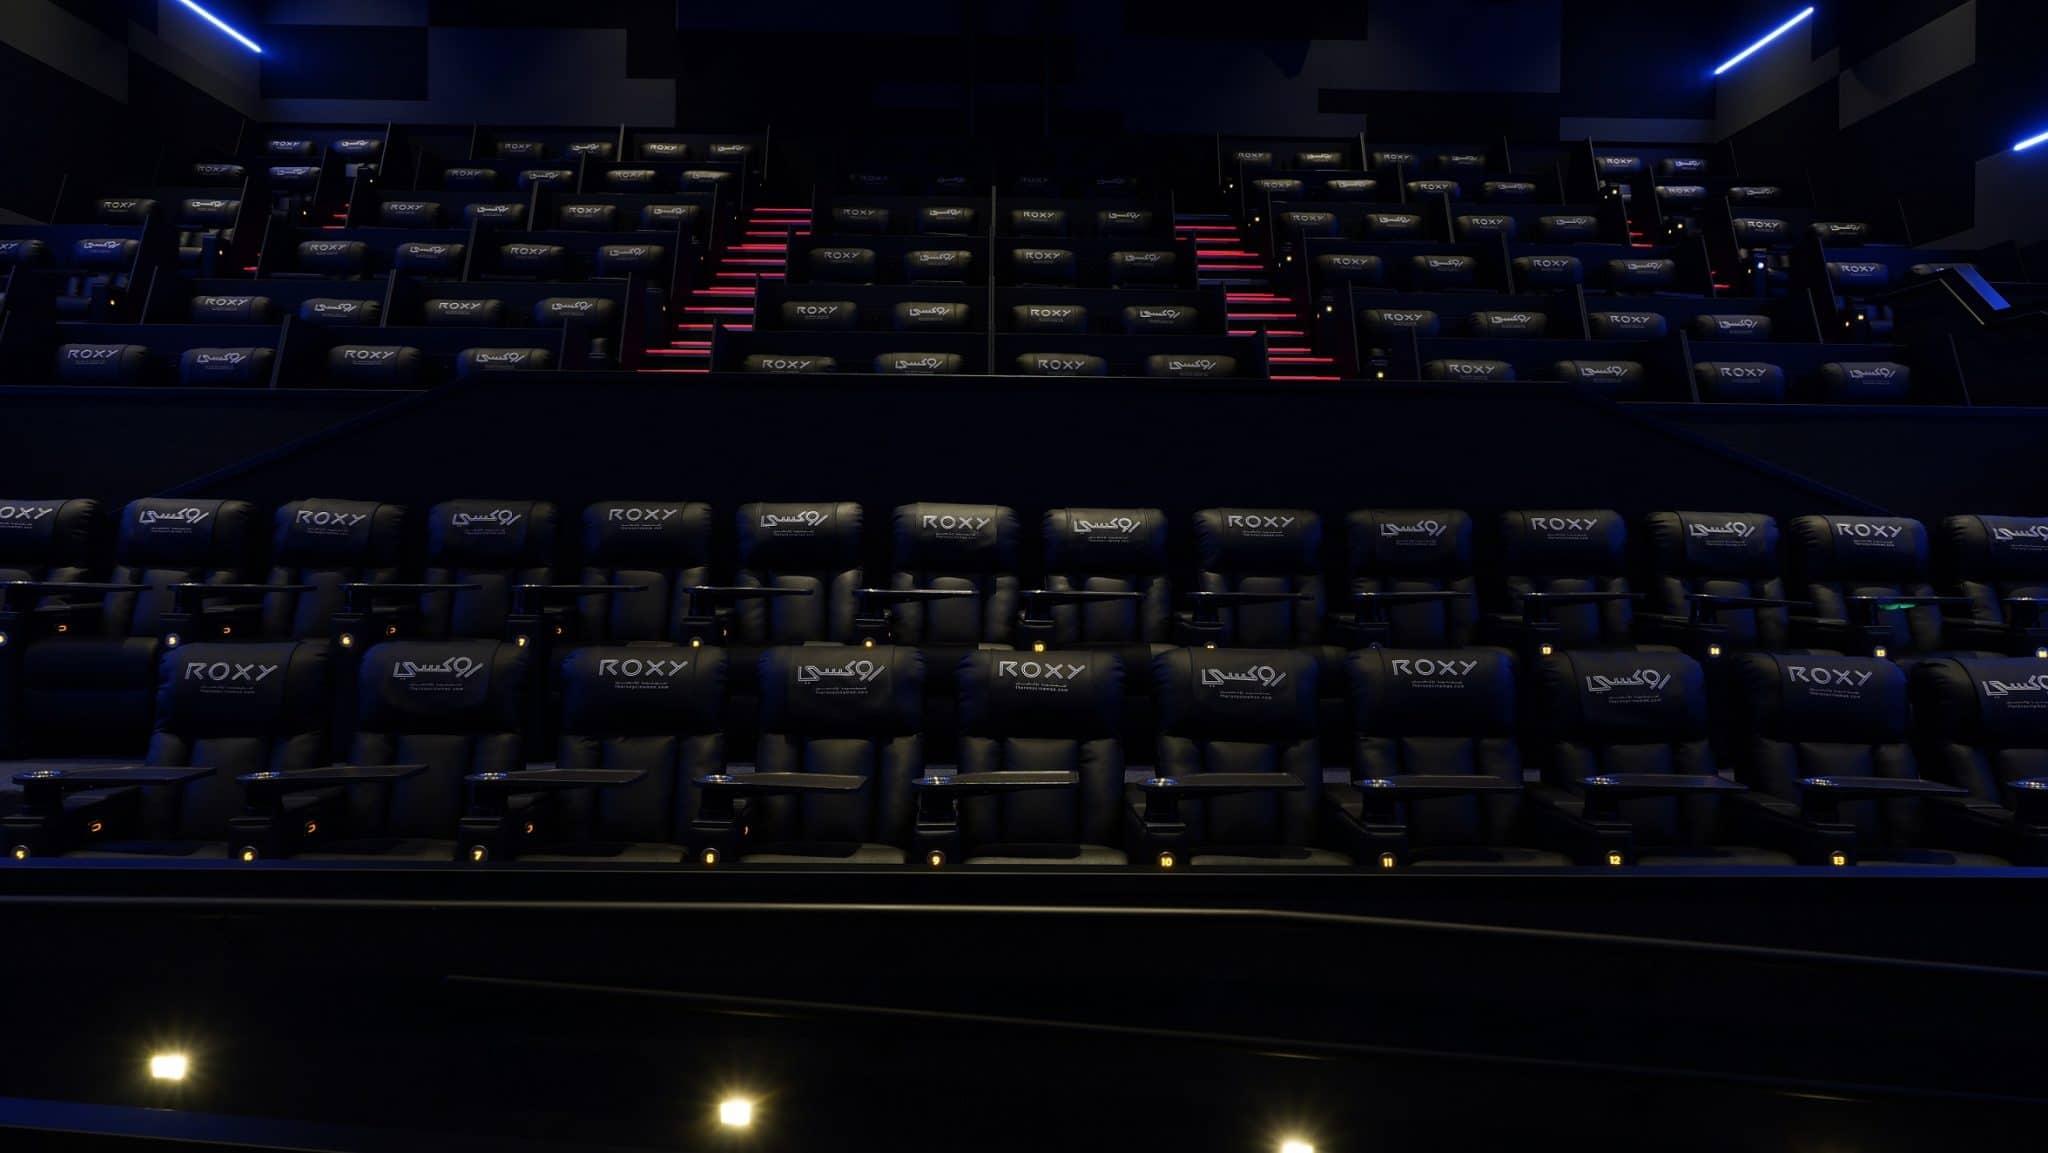 روكسي سينما في ممشى الخوانيج